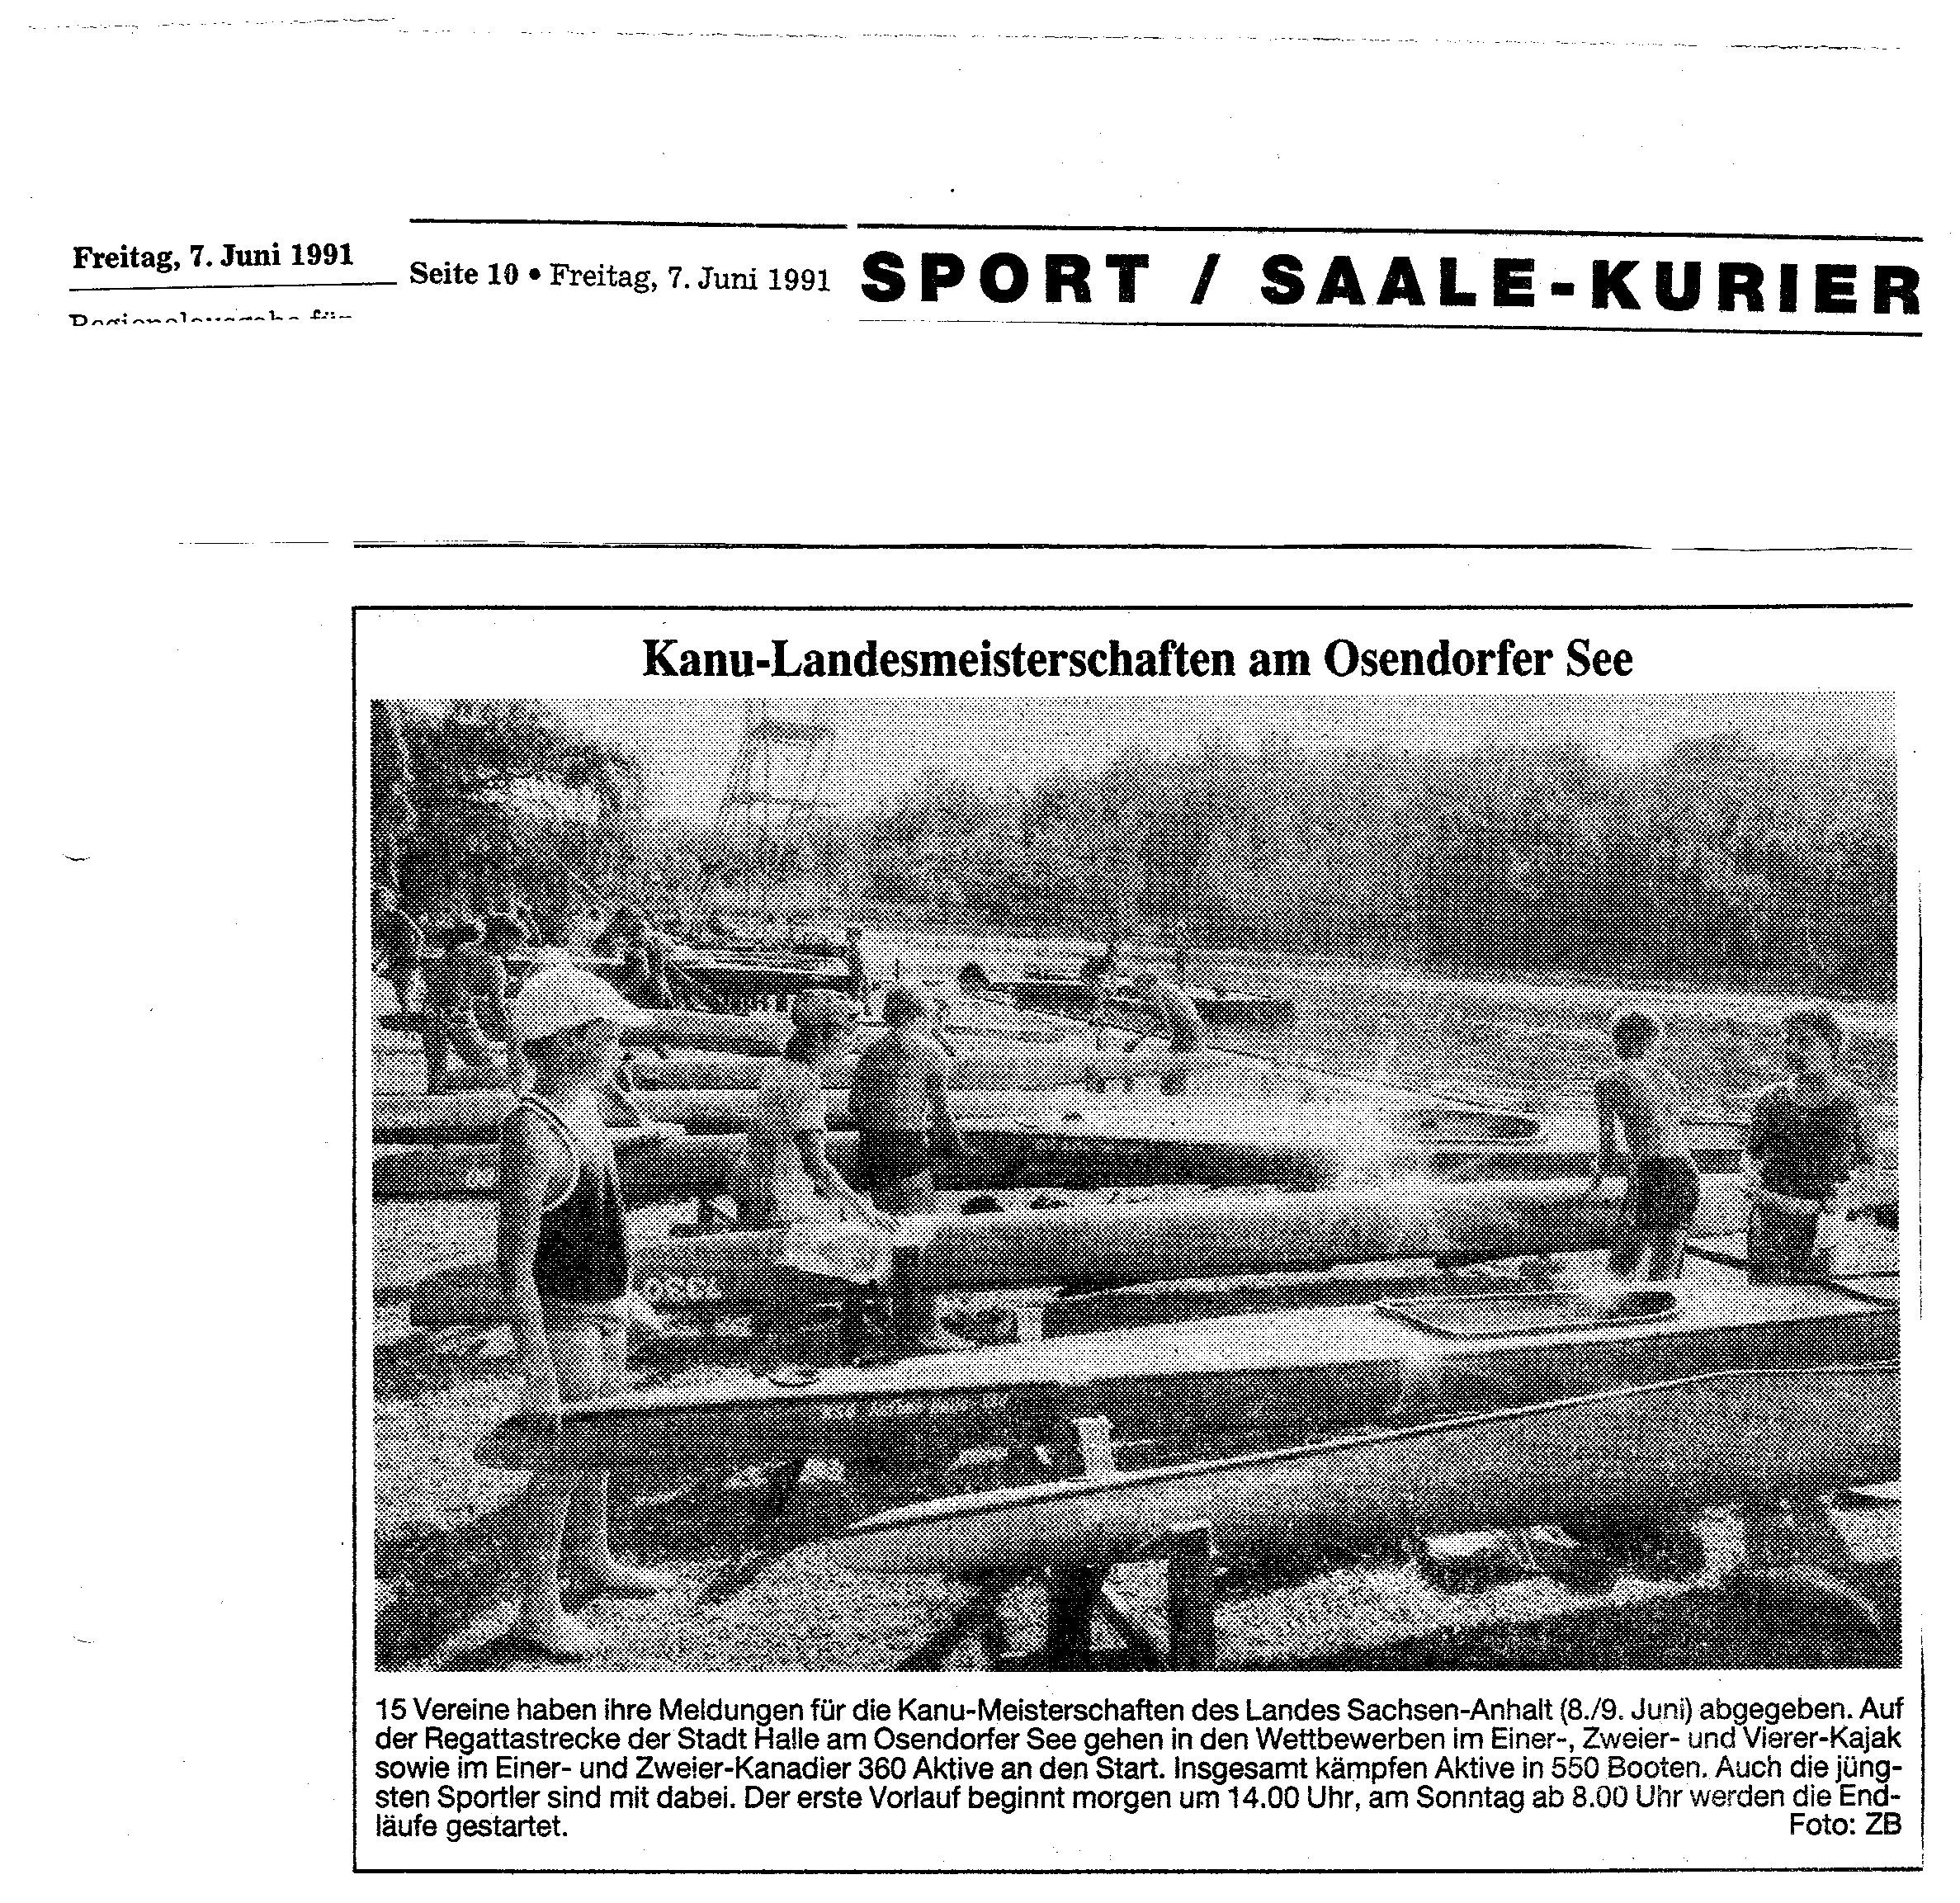 1991-06-07 MZ Kanu-Landesmeisterschaften am Osendorfer See